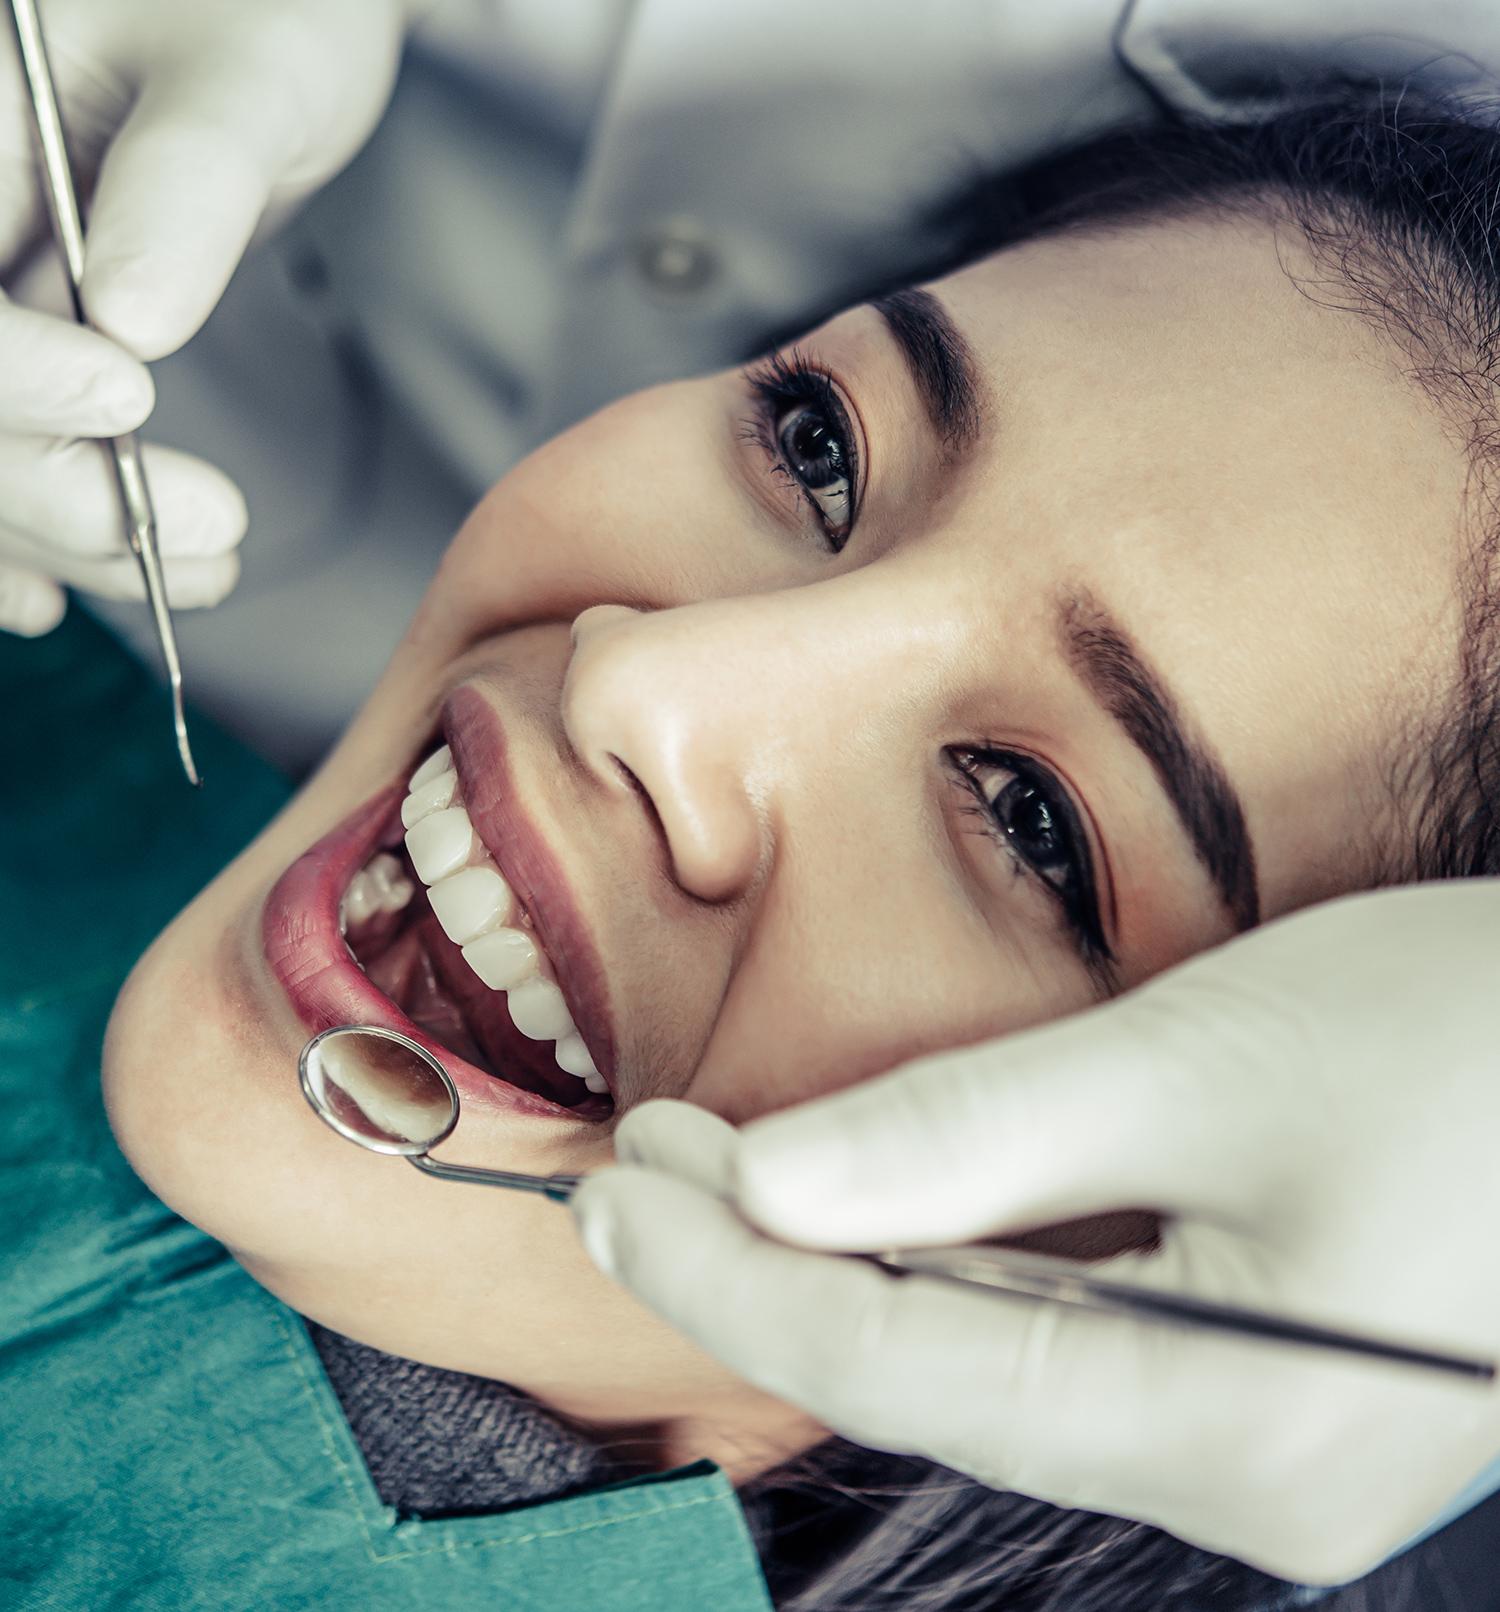 Le Cabinet dentaire Kim Tran de Ville-d'Avray vous propose une prise en charge globale et professionnelle de votre santé bucco-dentaire